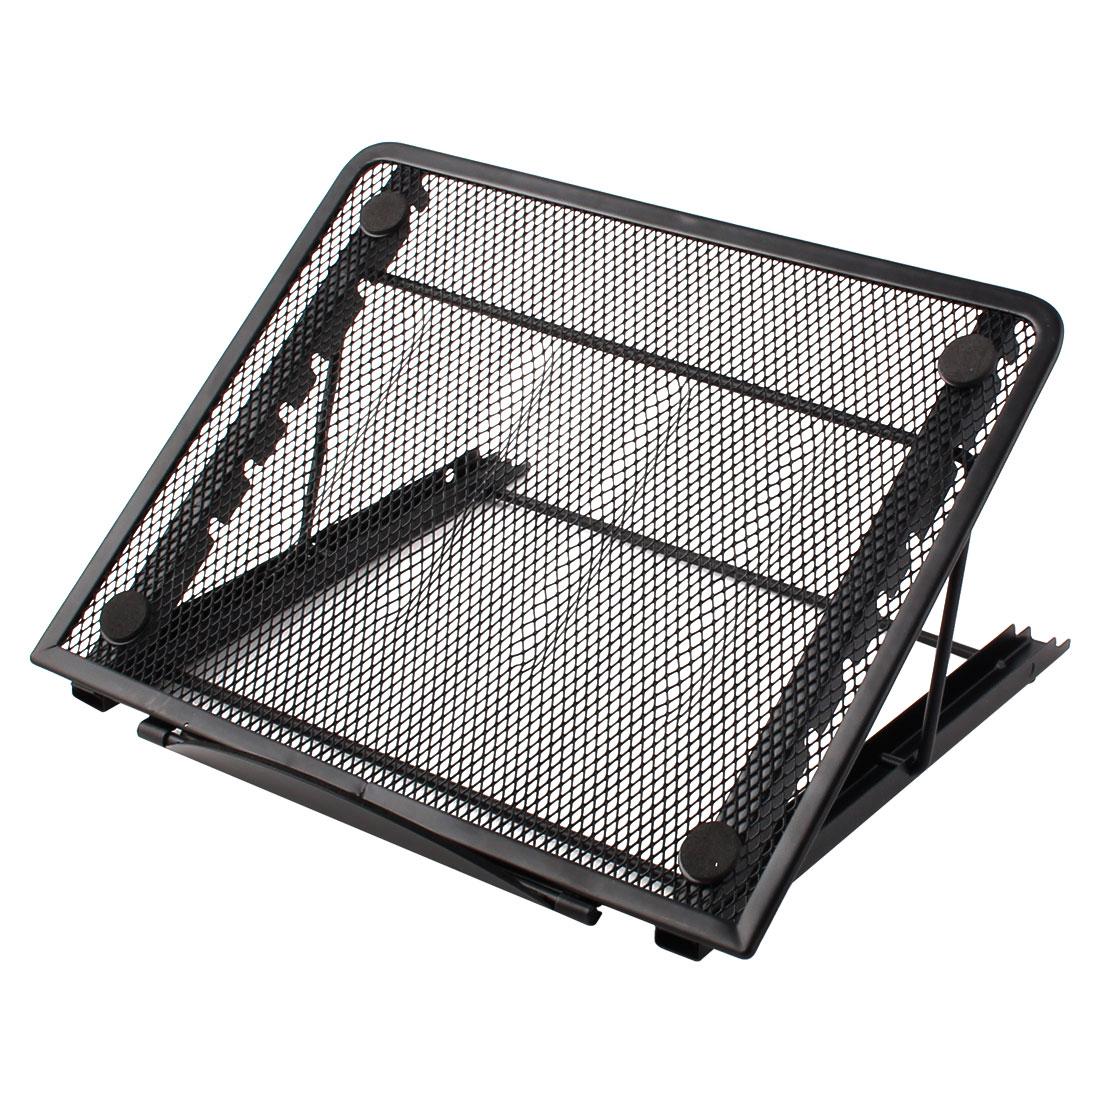 Tablet PC Laptop Desk Metal 6 Slots Adjustable Foldable Stand Bracket Holder Black